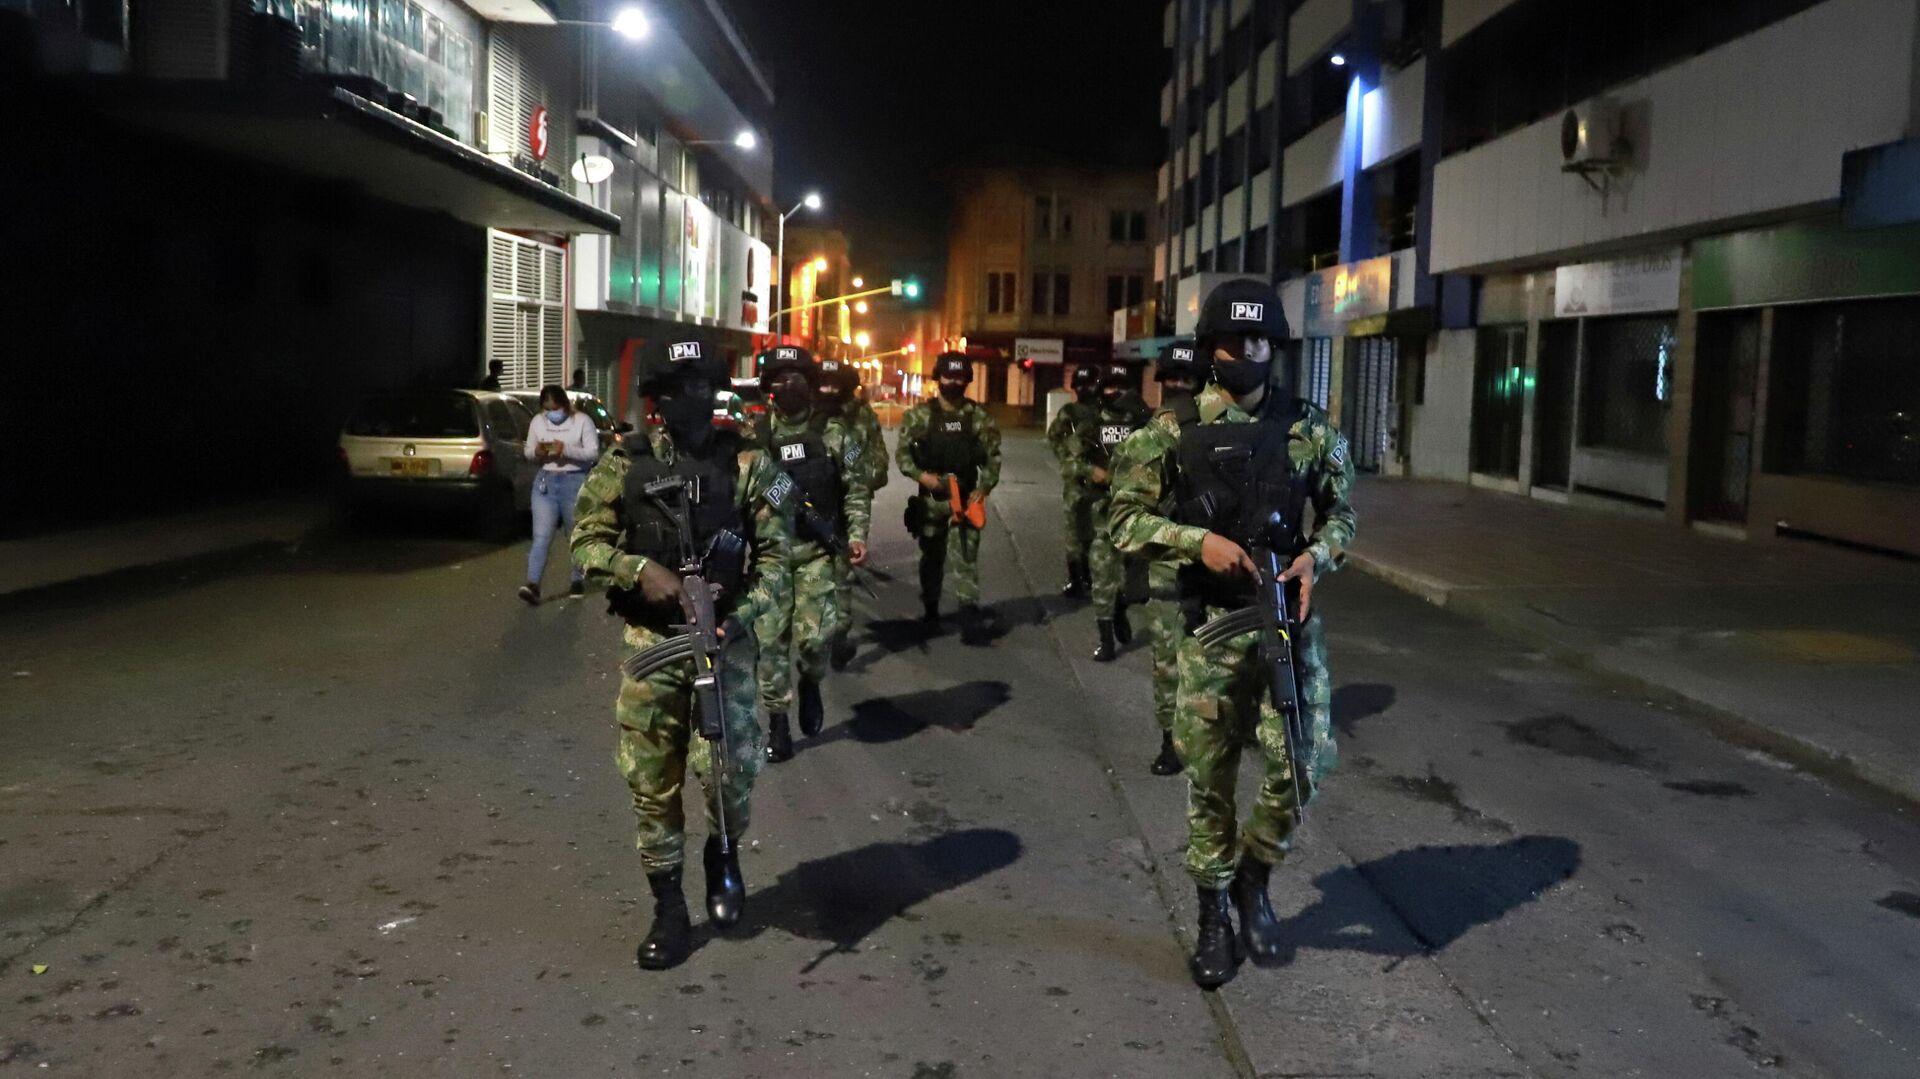 Cuerpos de la Policía Militar en Cali (Colombia) - Sputnik Mundo, 1920, 31.05.2021